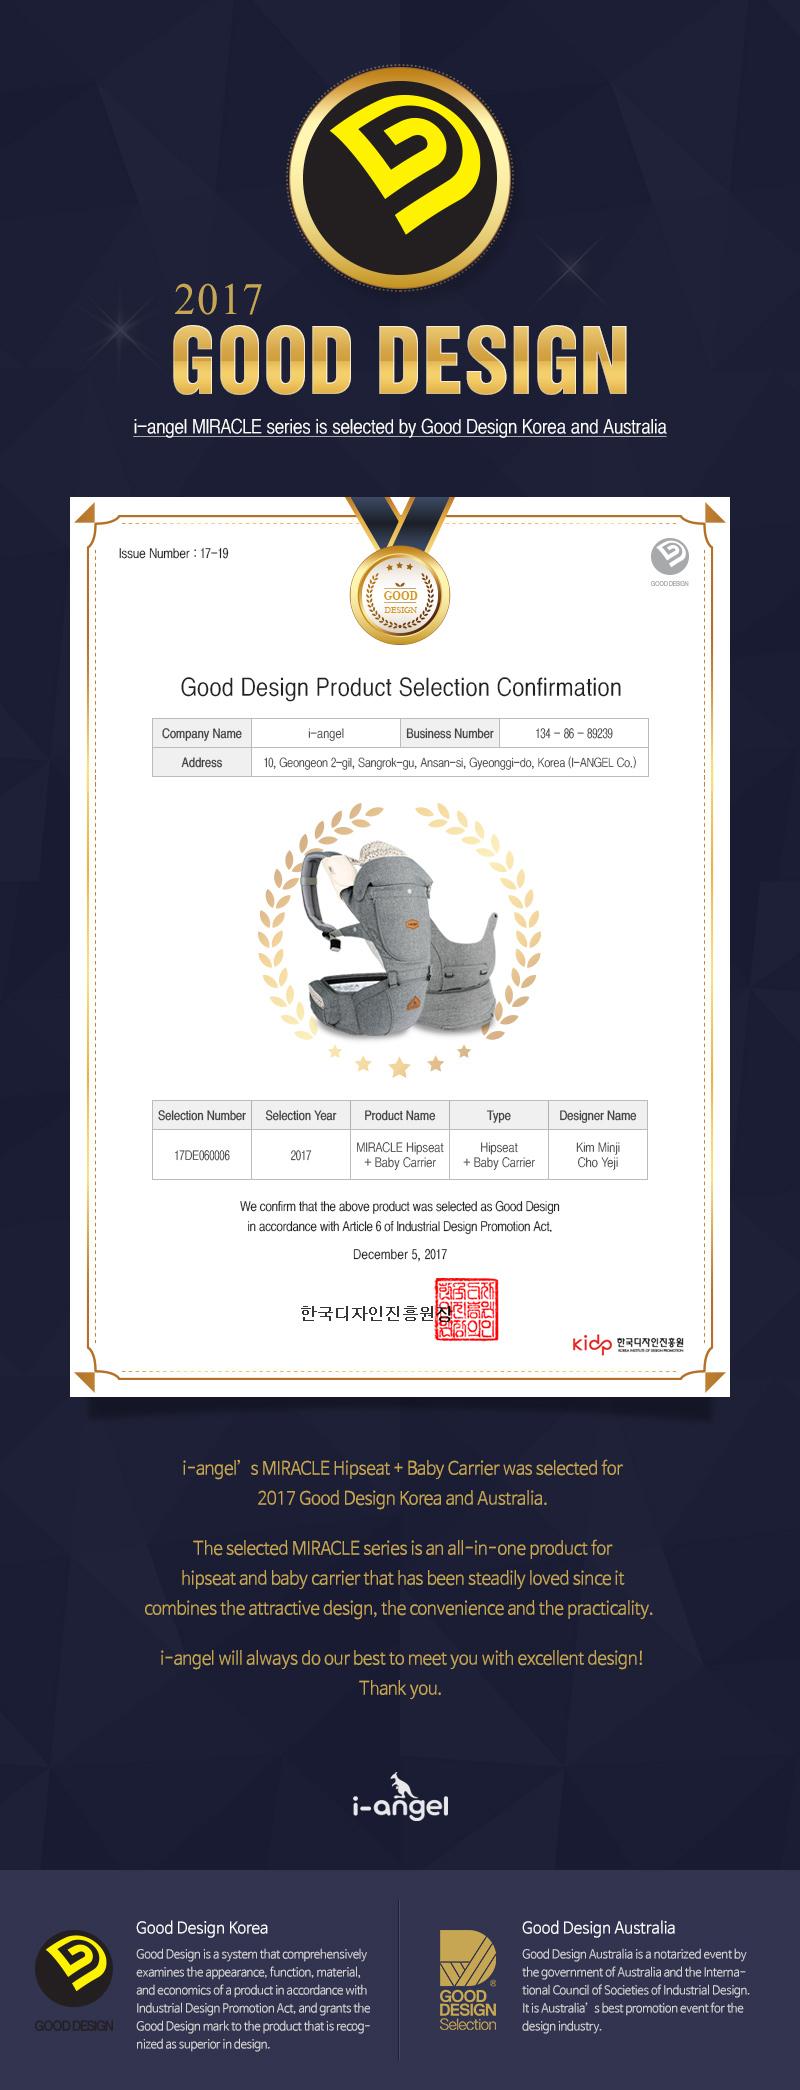 20171207_gooddesign_en.jpg